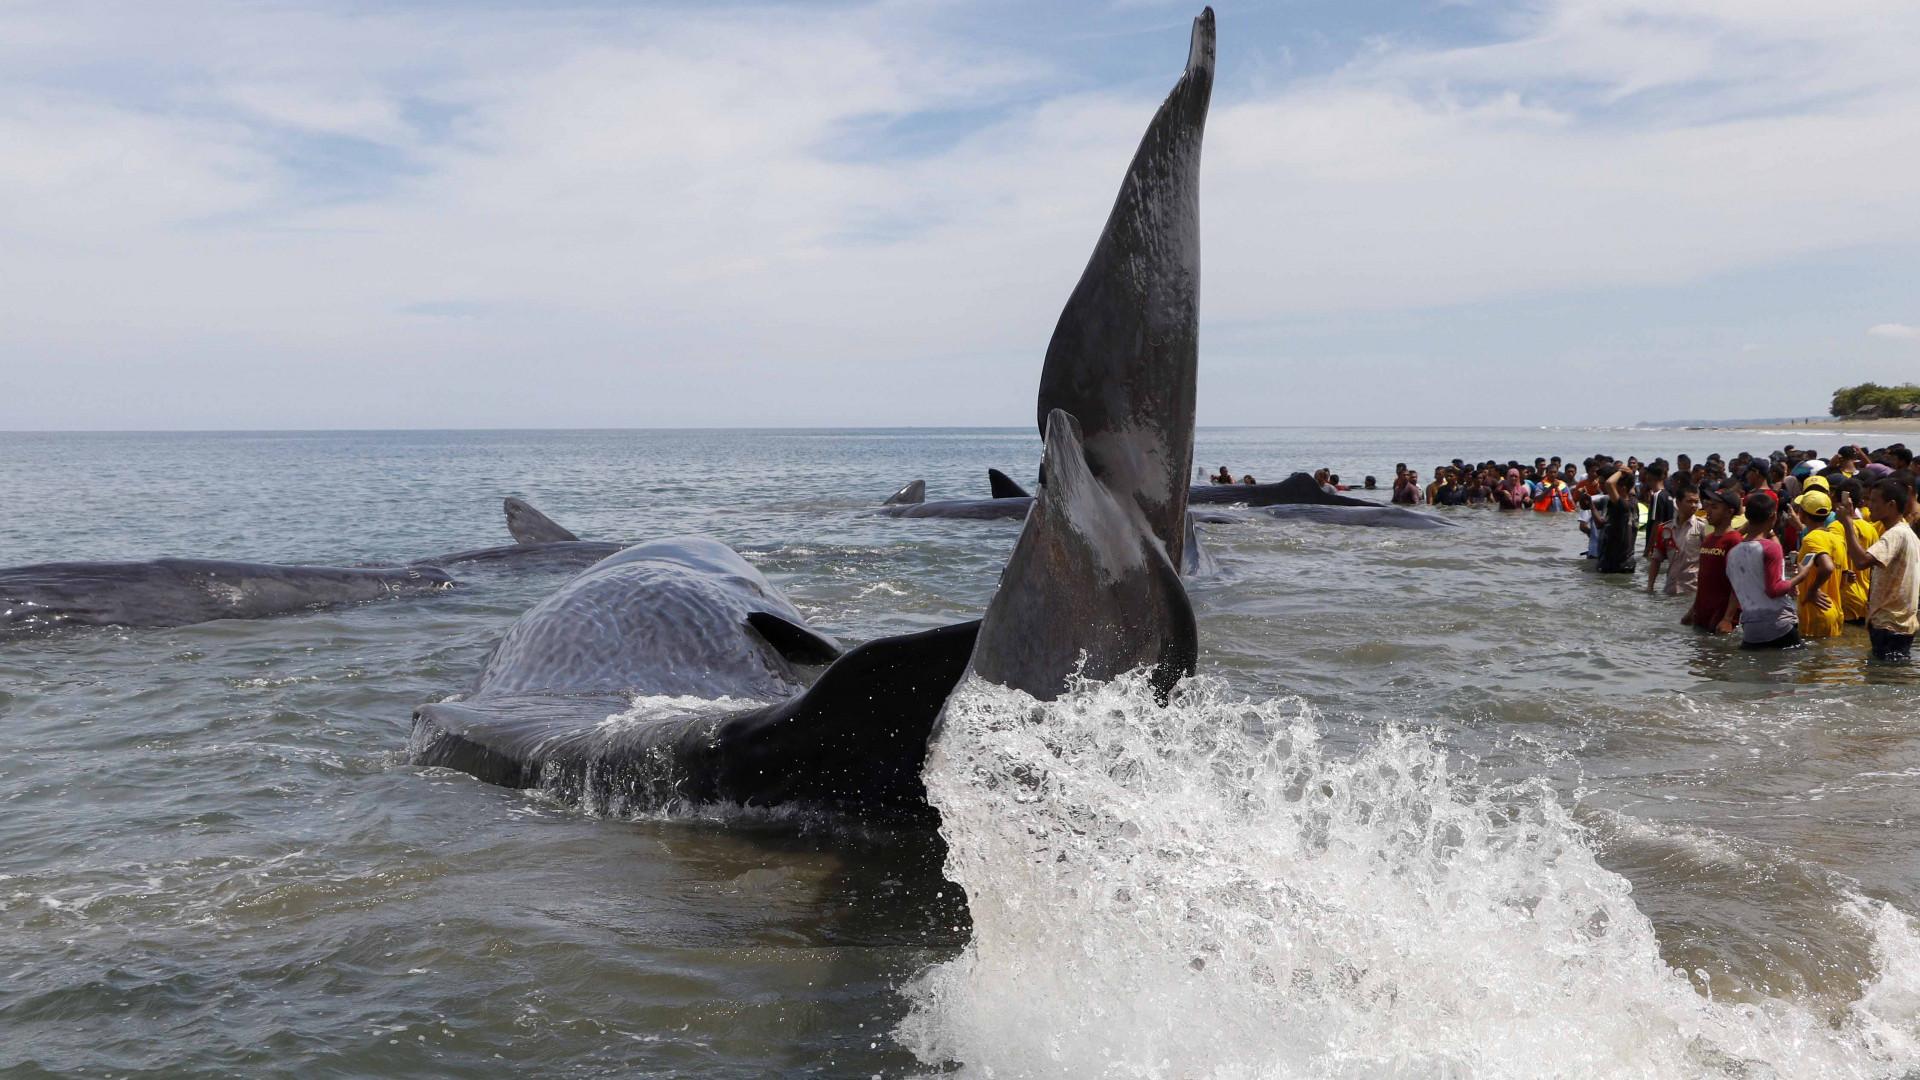 Újra rátenyerelt egy tőzsdei bálna a nagy vételi gombra